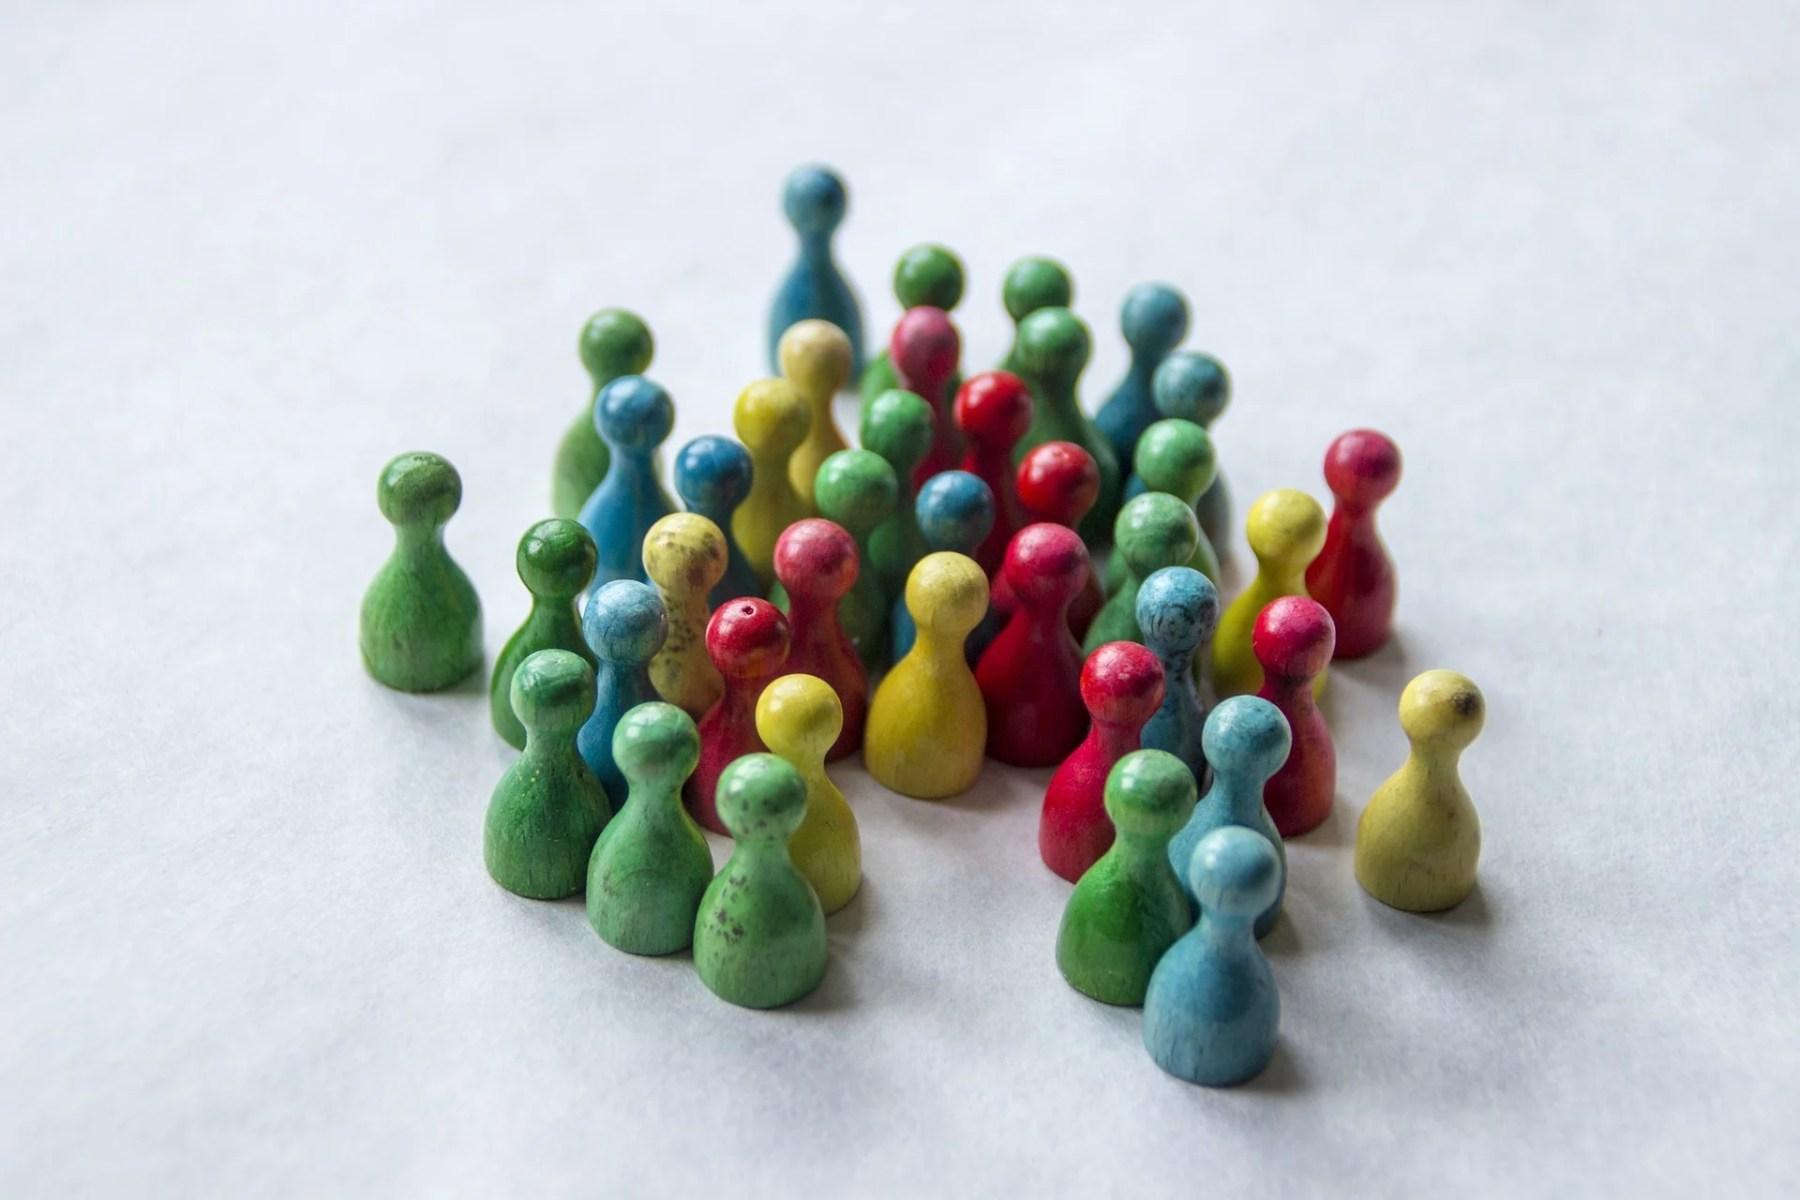 La démocratie participative en Belgique, une fausse bonne idée